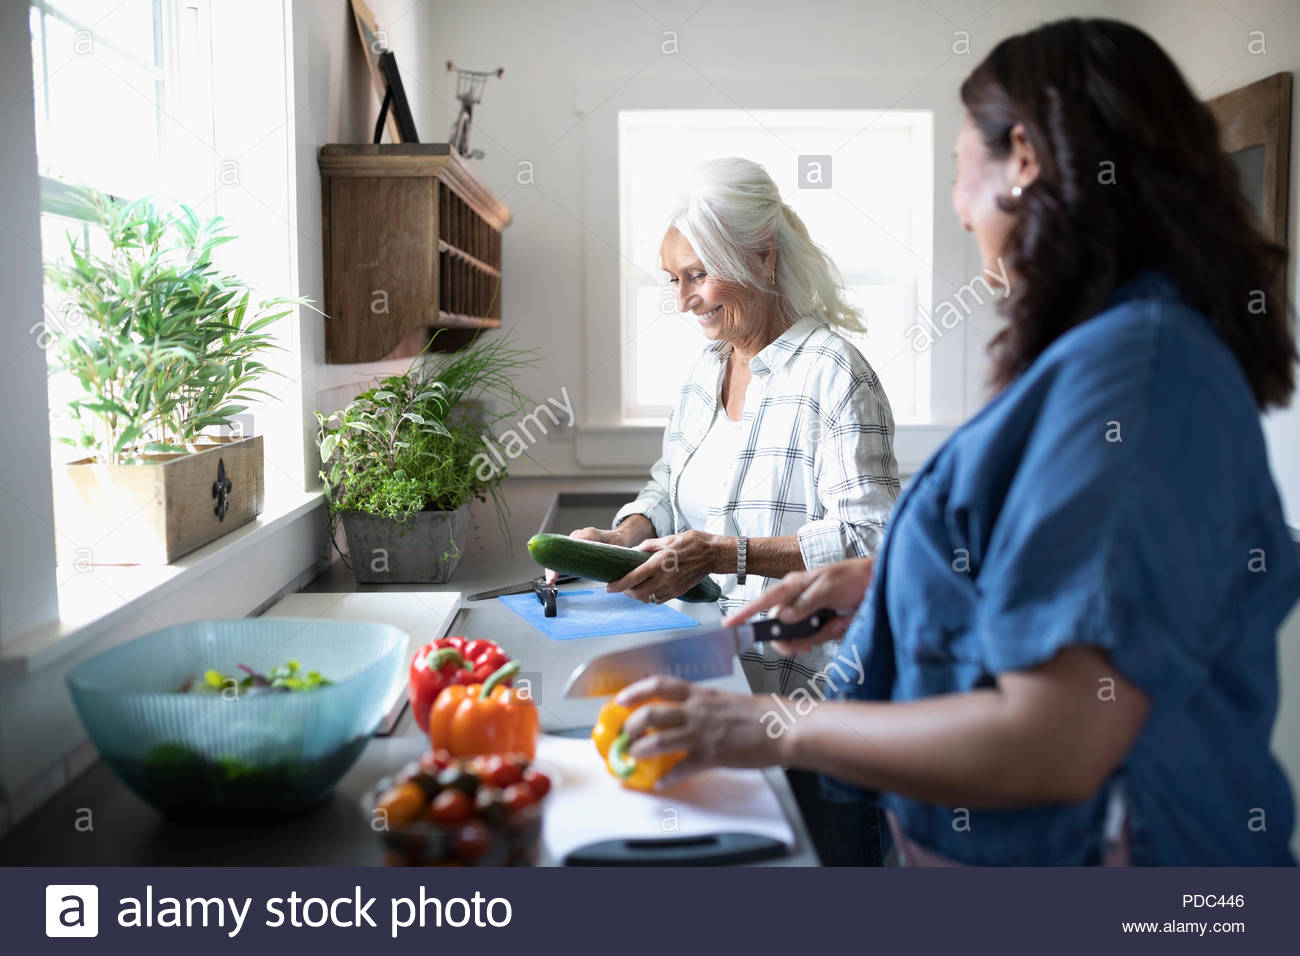 Hija y madre senior cocinar, cortando las verduras en la cocina Imagen De Stock